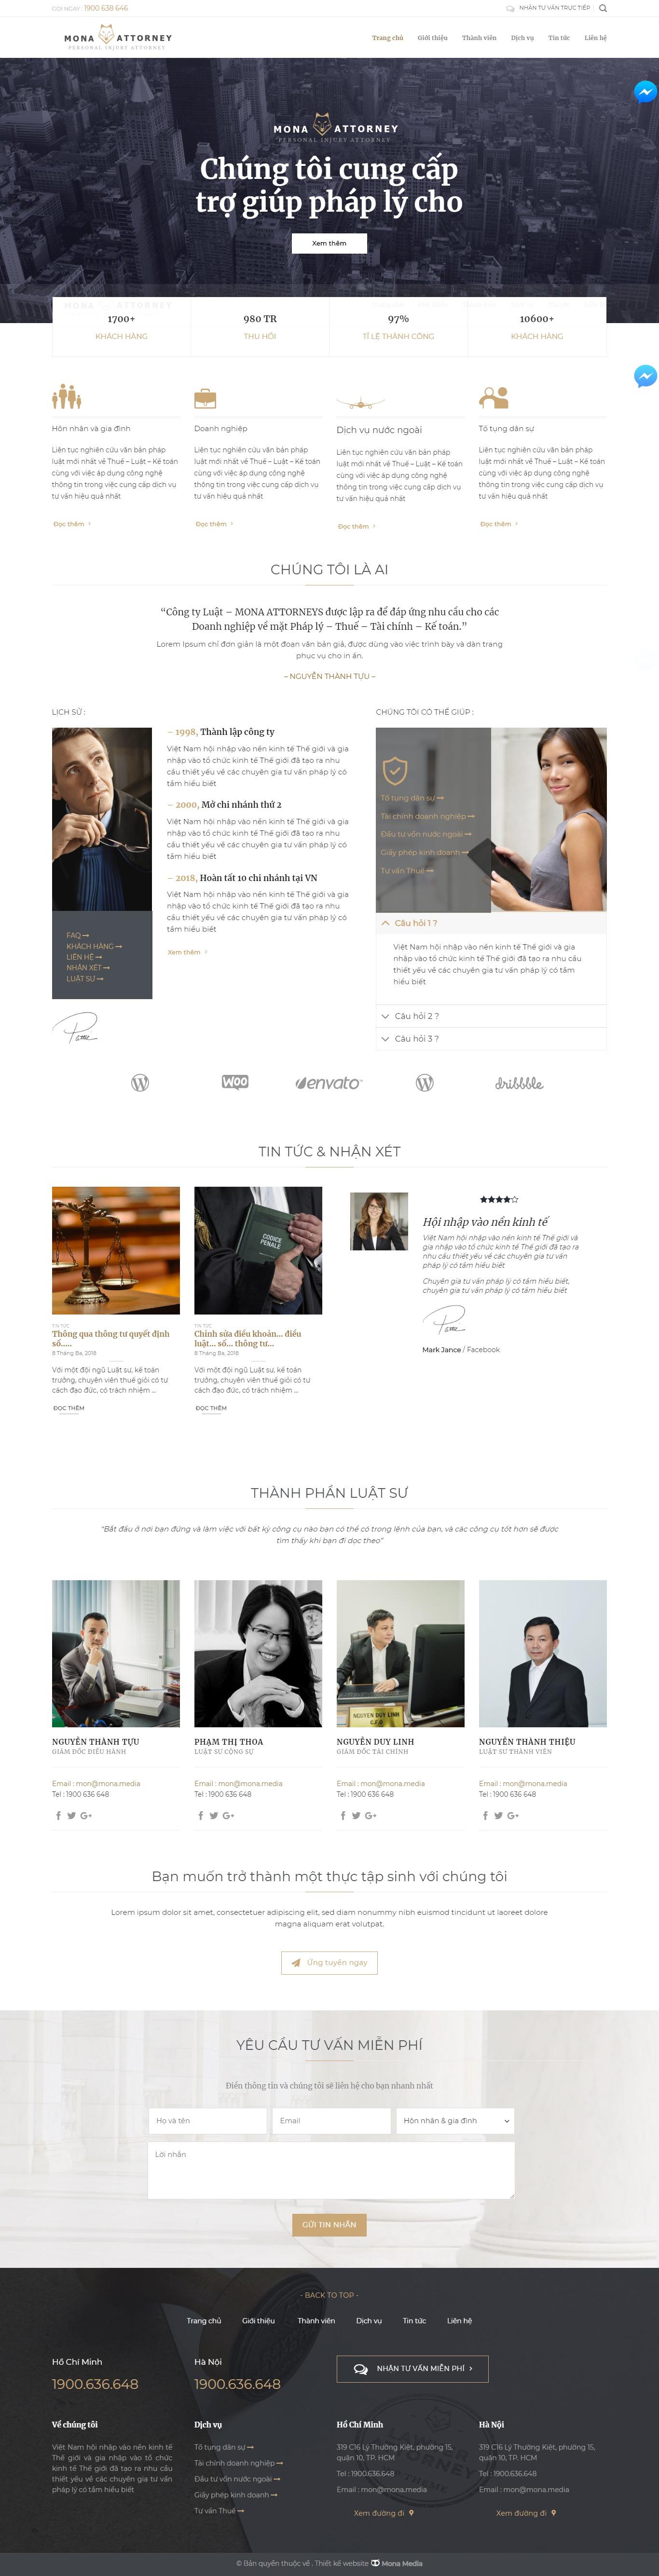 Mẫu website giới thiệu dịch vụ luật sư riêng giống Attorneys